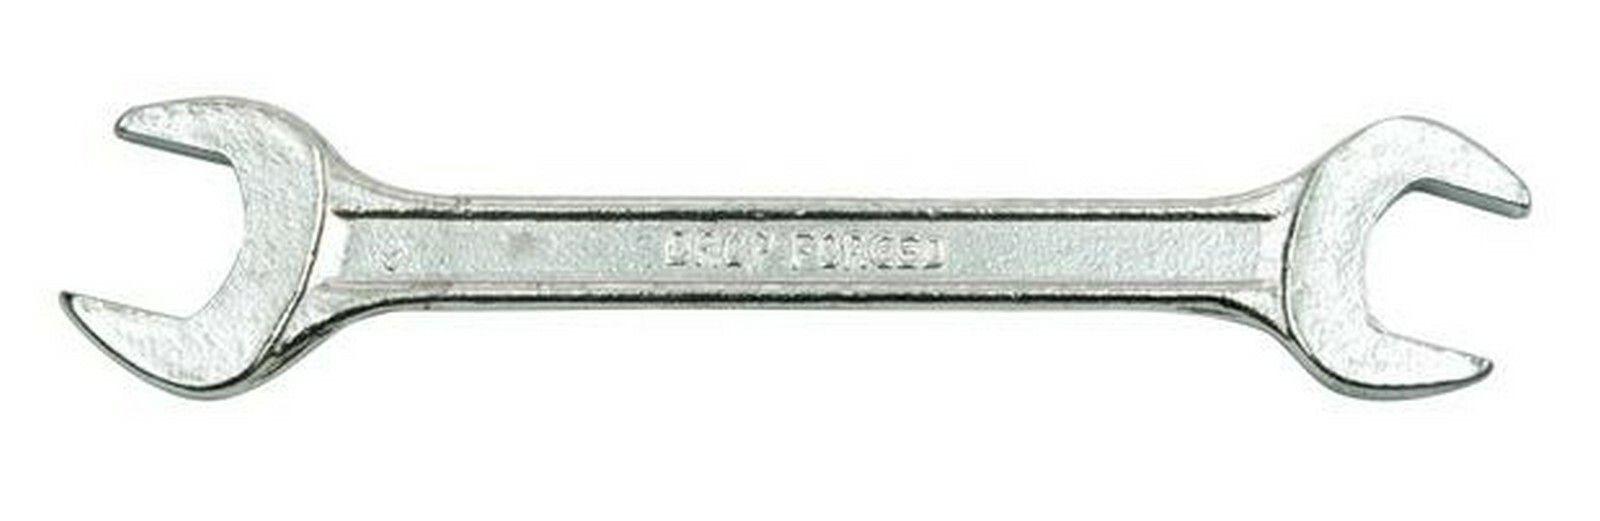 Klíč plochý 30x32mm TOYA